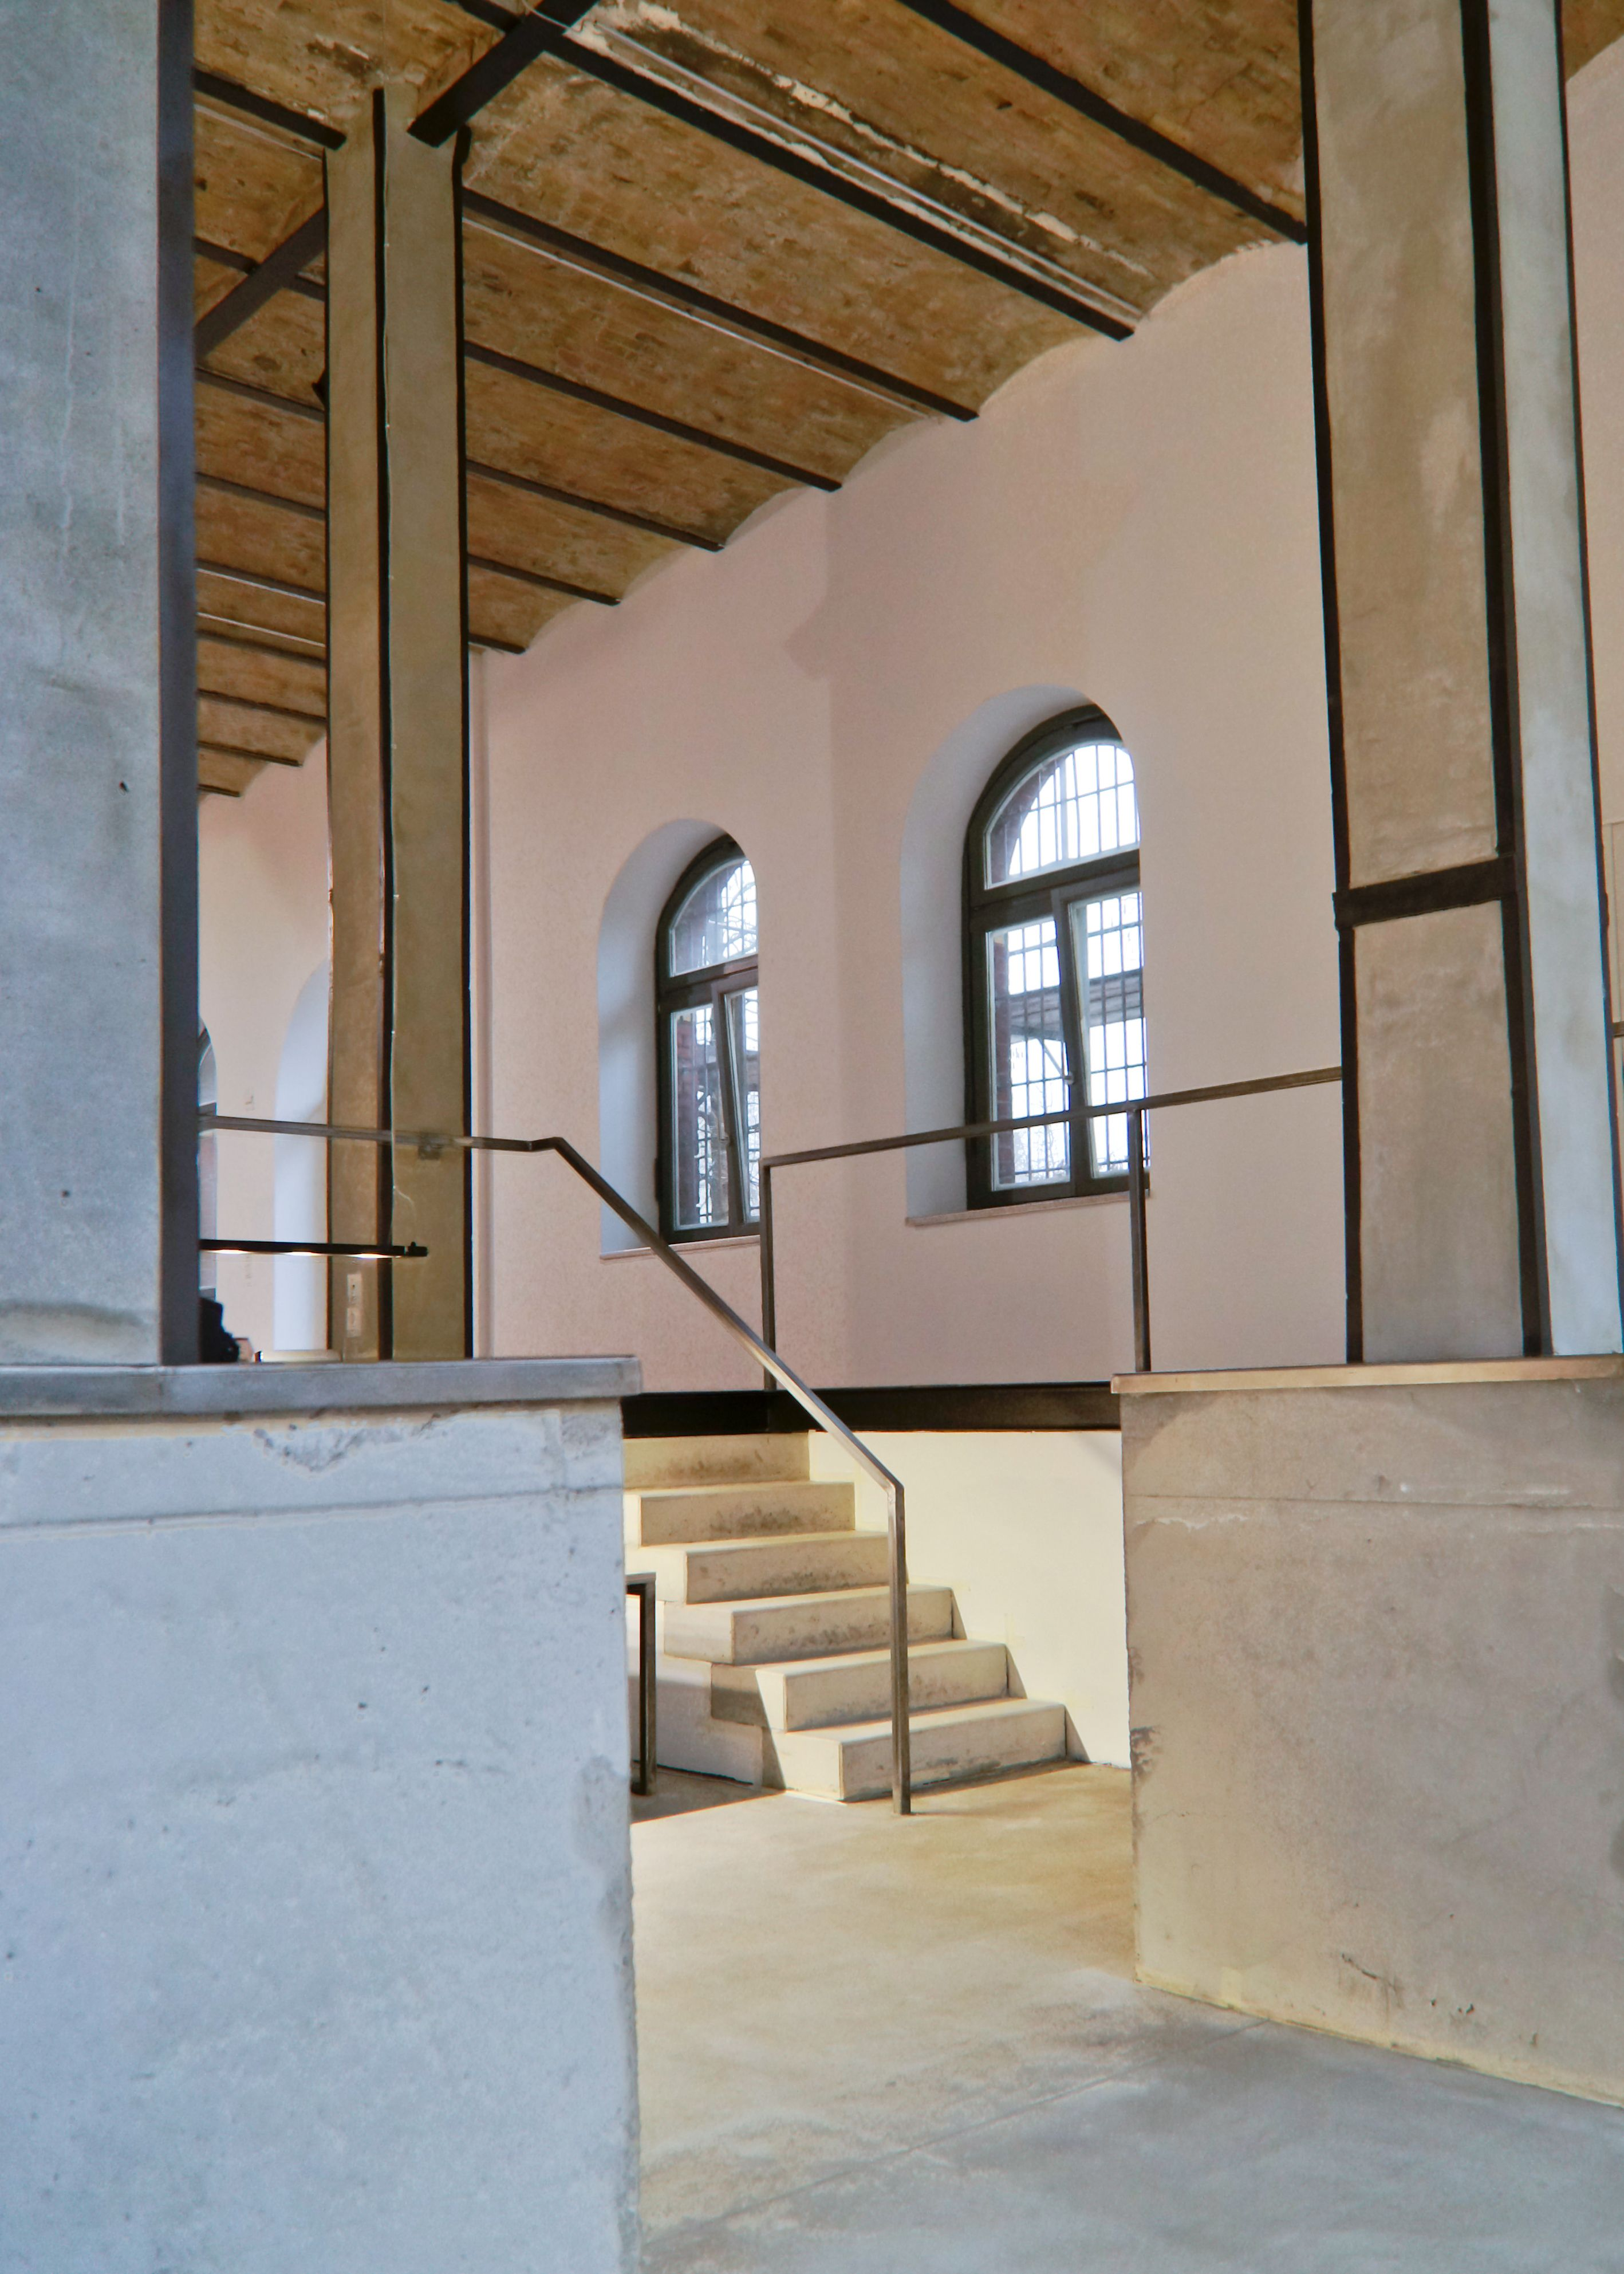 strassenbahndepot winterstein strasse wird atelier, loft